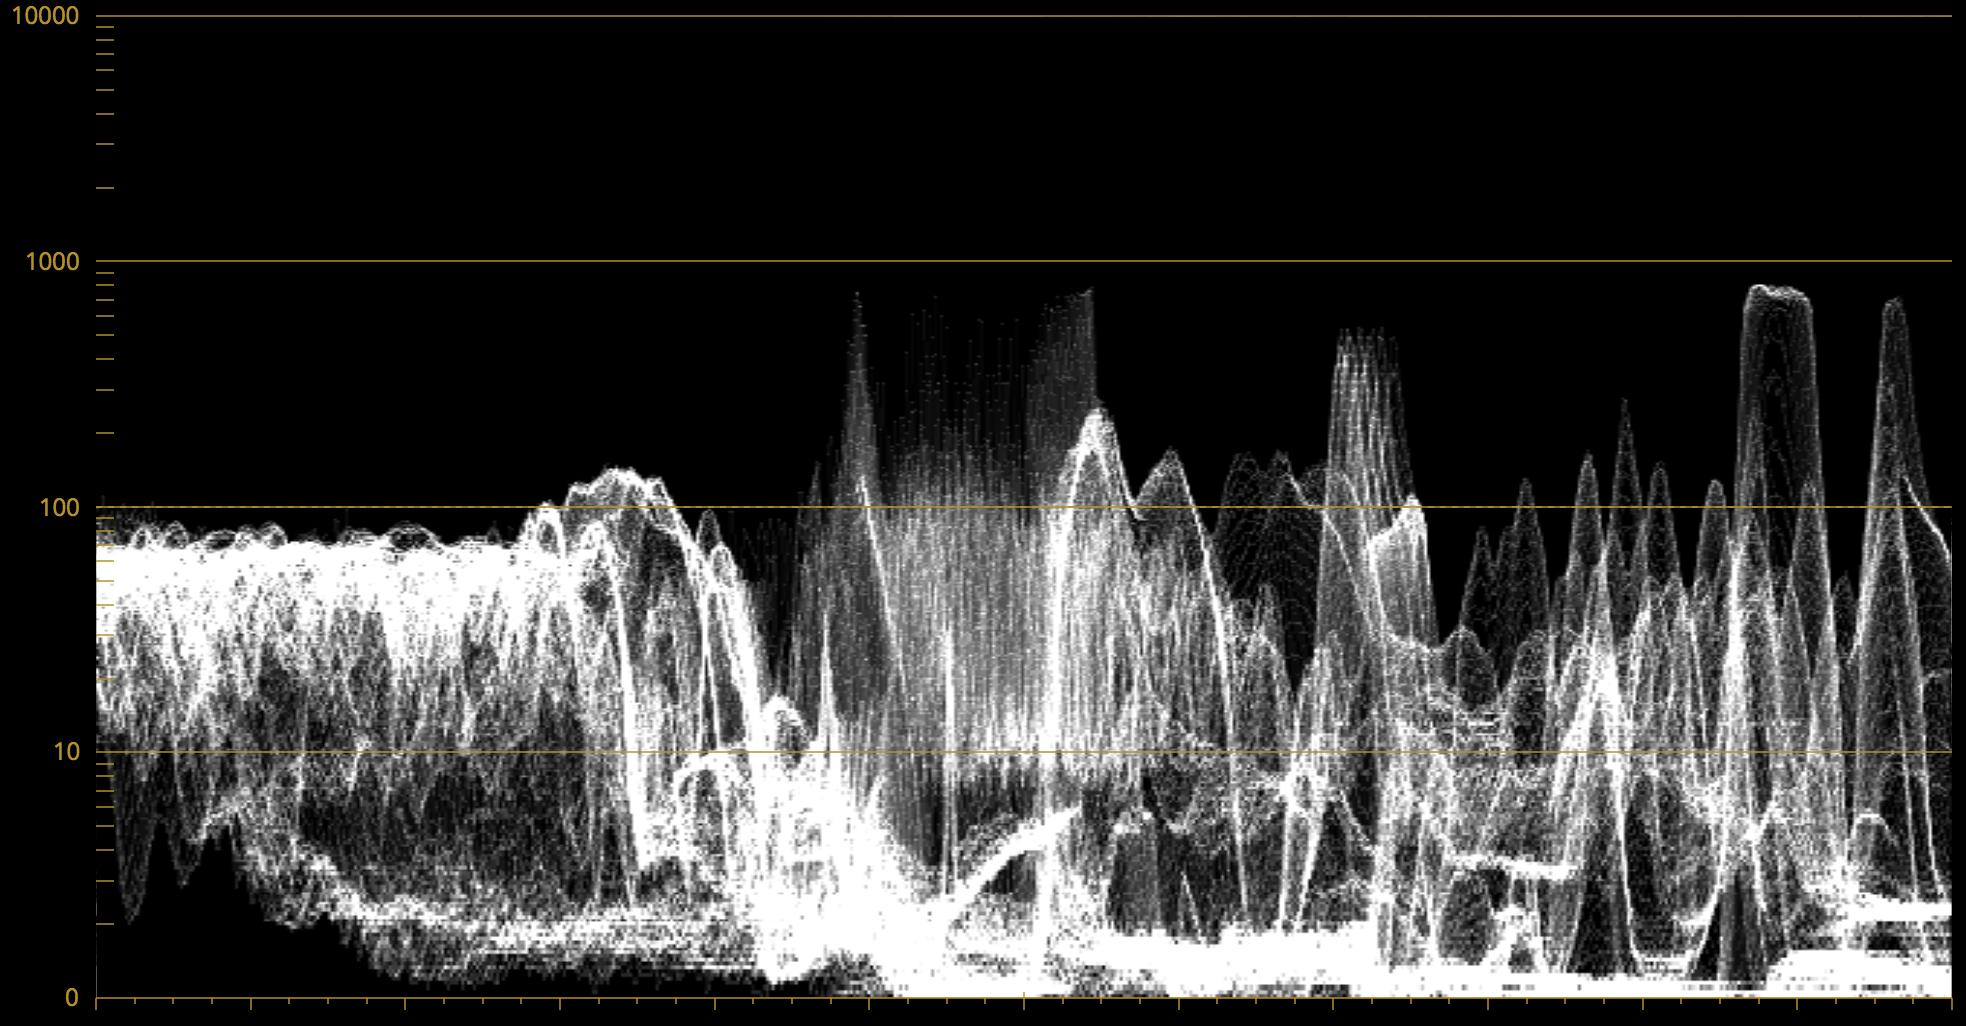 Clipped 800 Nit Peak Luminance Image